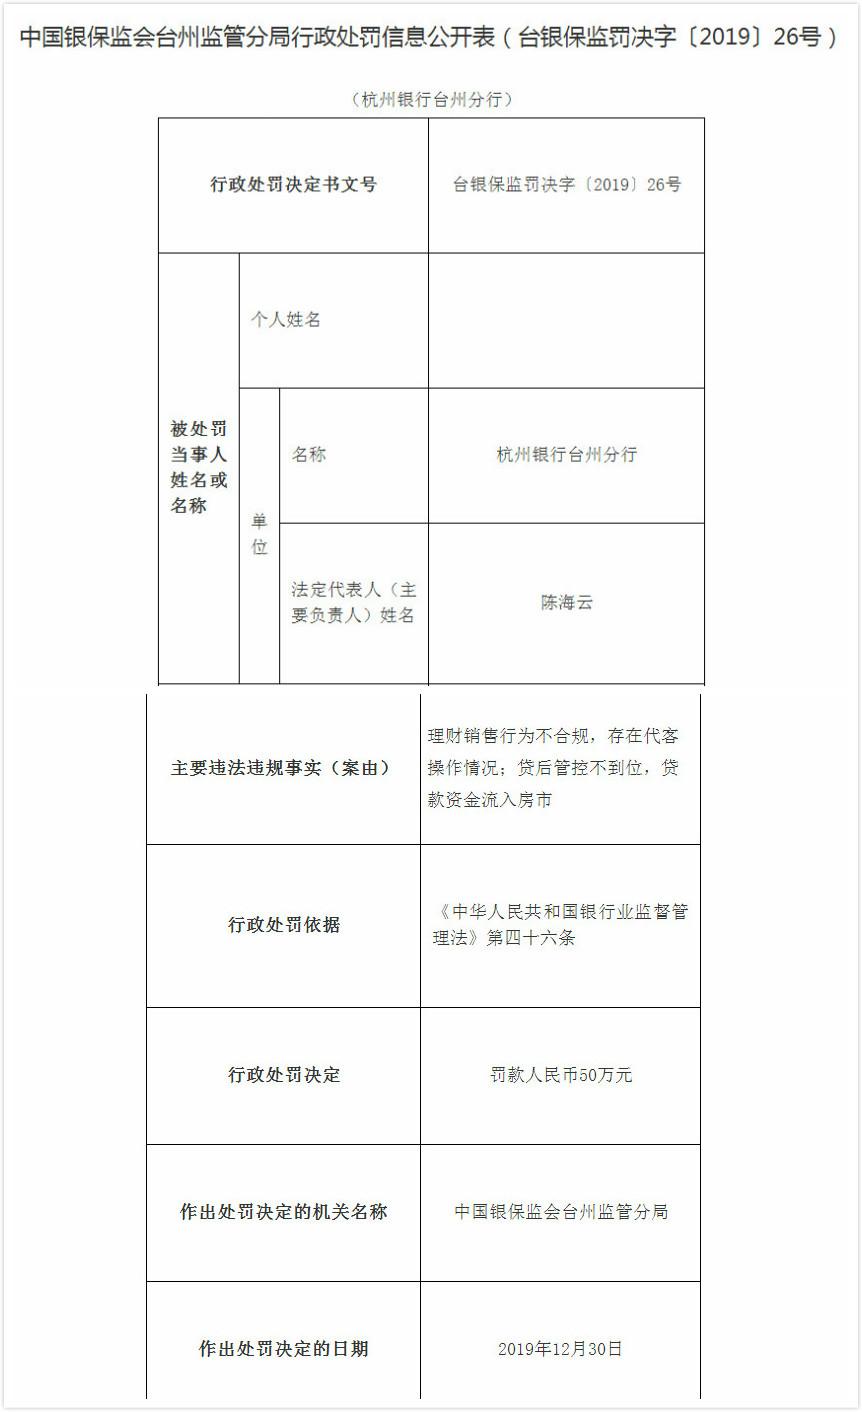 杭州银行一年4度遭罚 台州分行代客操作等2宗违法